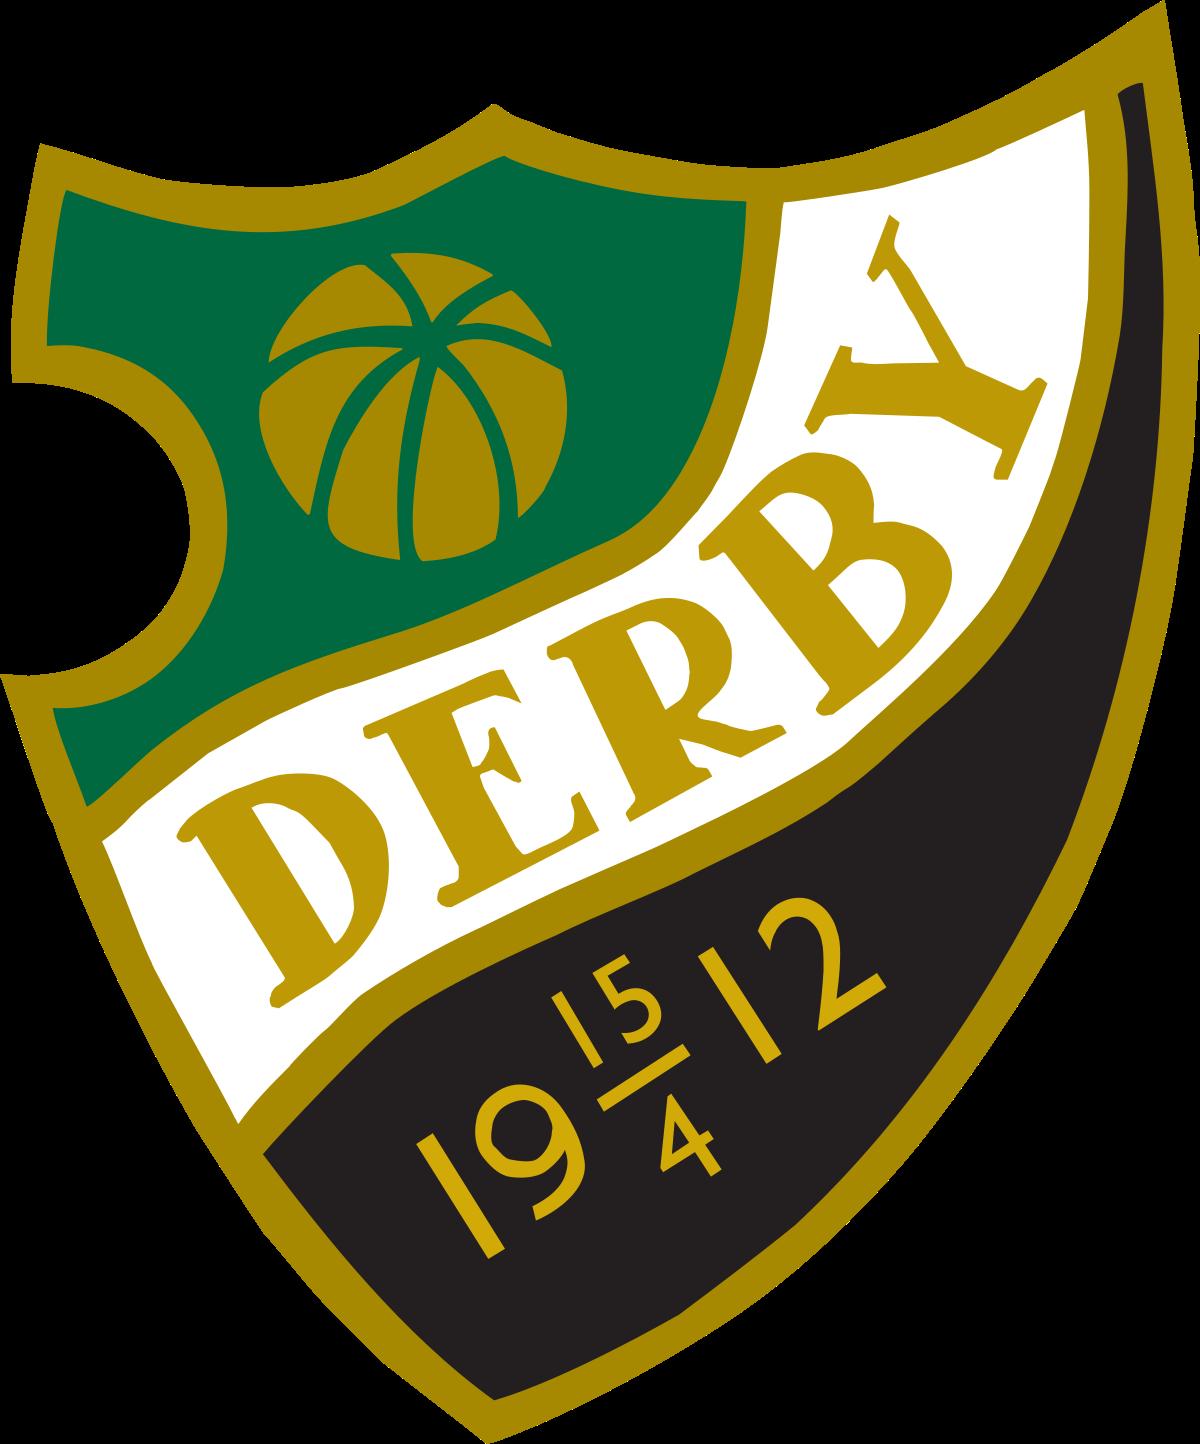 BK Derby